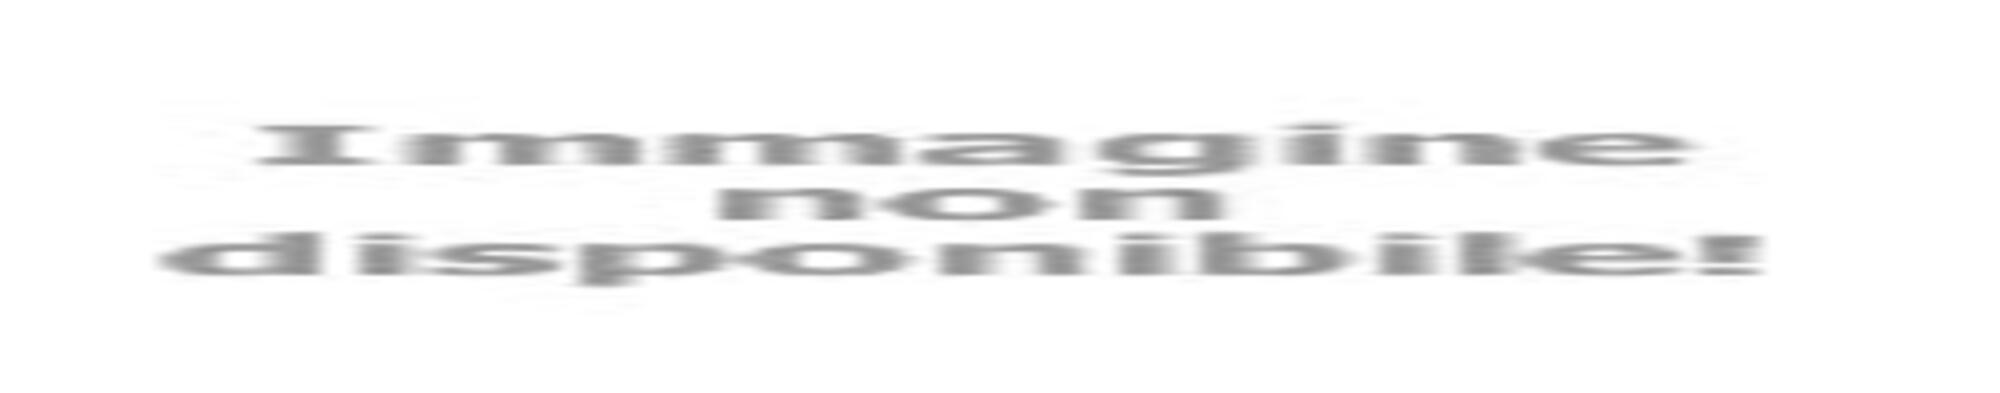 Metà luglio in camping village di Pietra Ligure